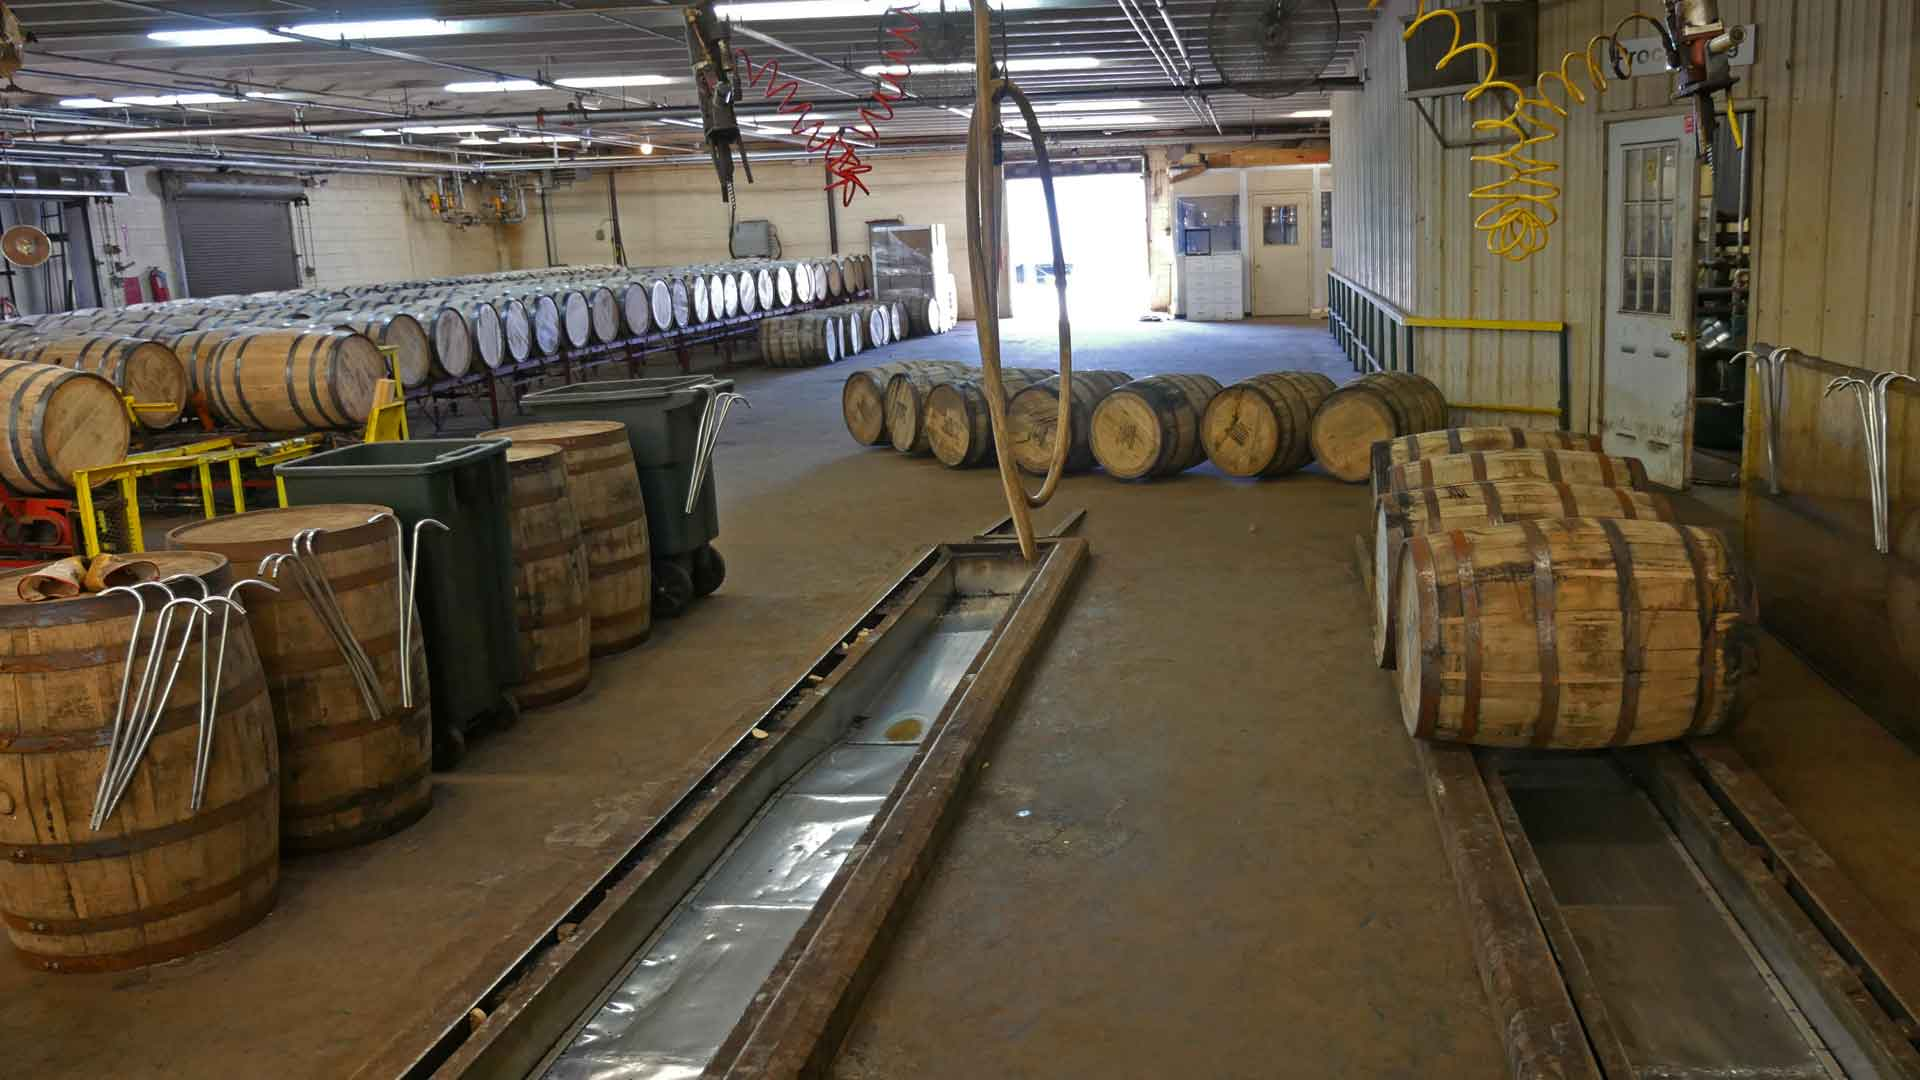 Die Preise beim Kauf eines Whiskyfasses variieren von Destillerie zu Destillerie. Ein großer Teil der Kosten entsteht durch die Steuern. (Foto: Malt Whisky)